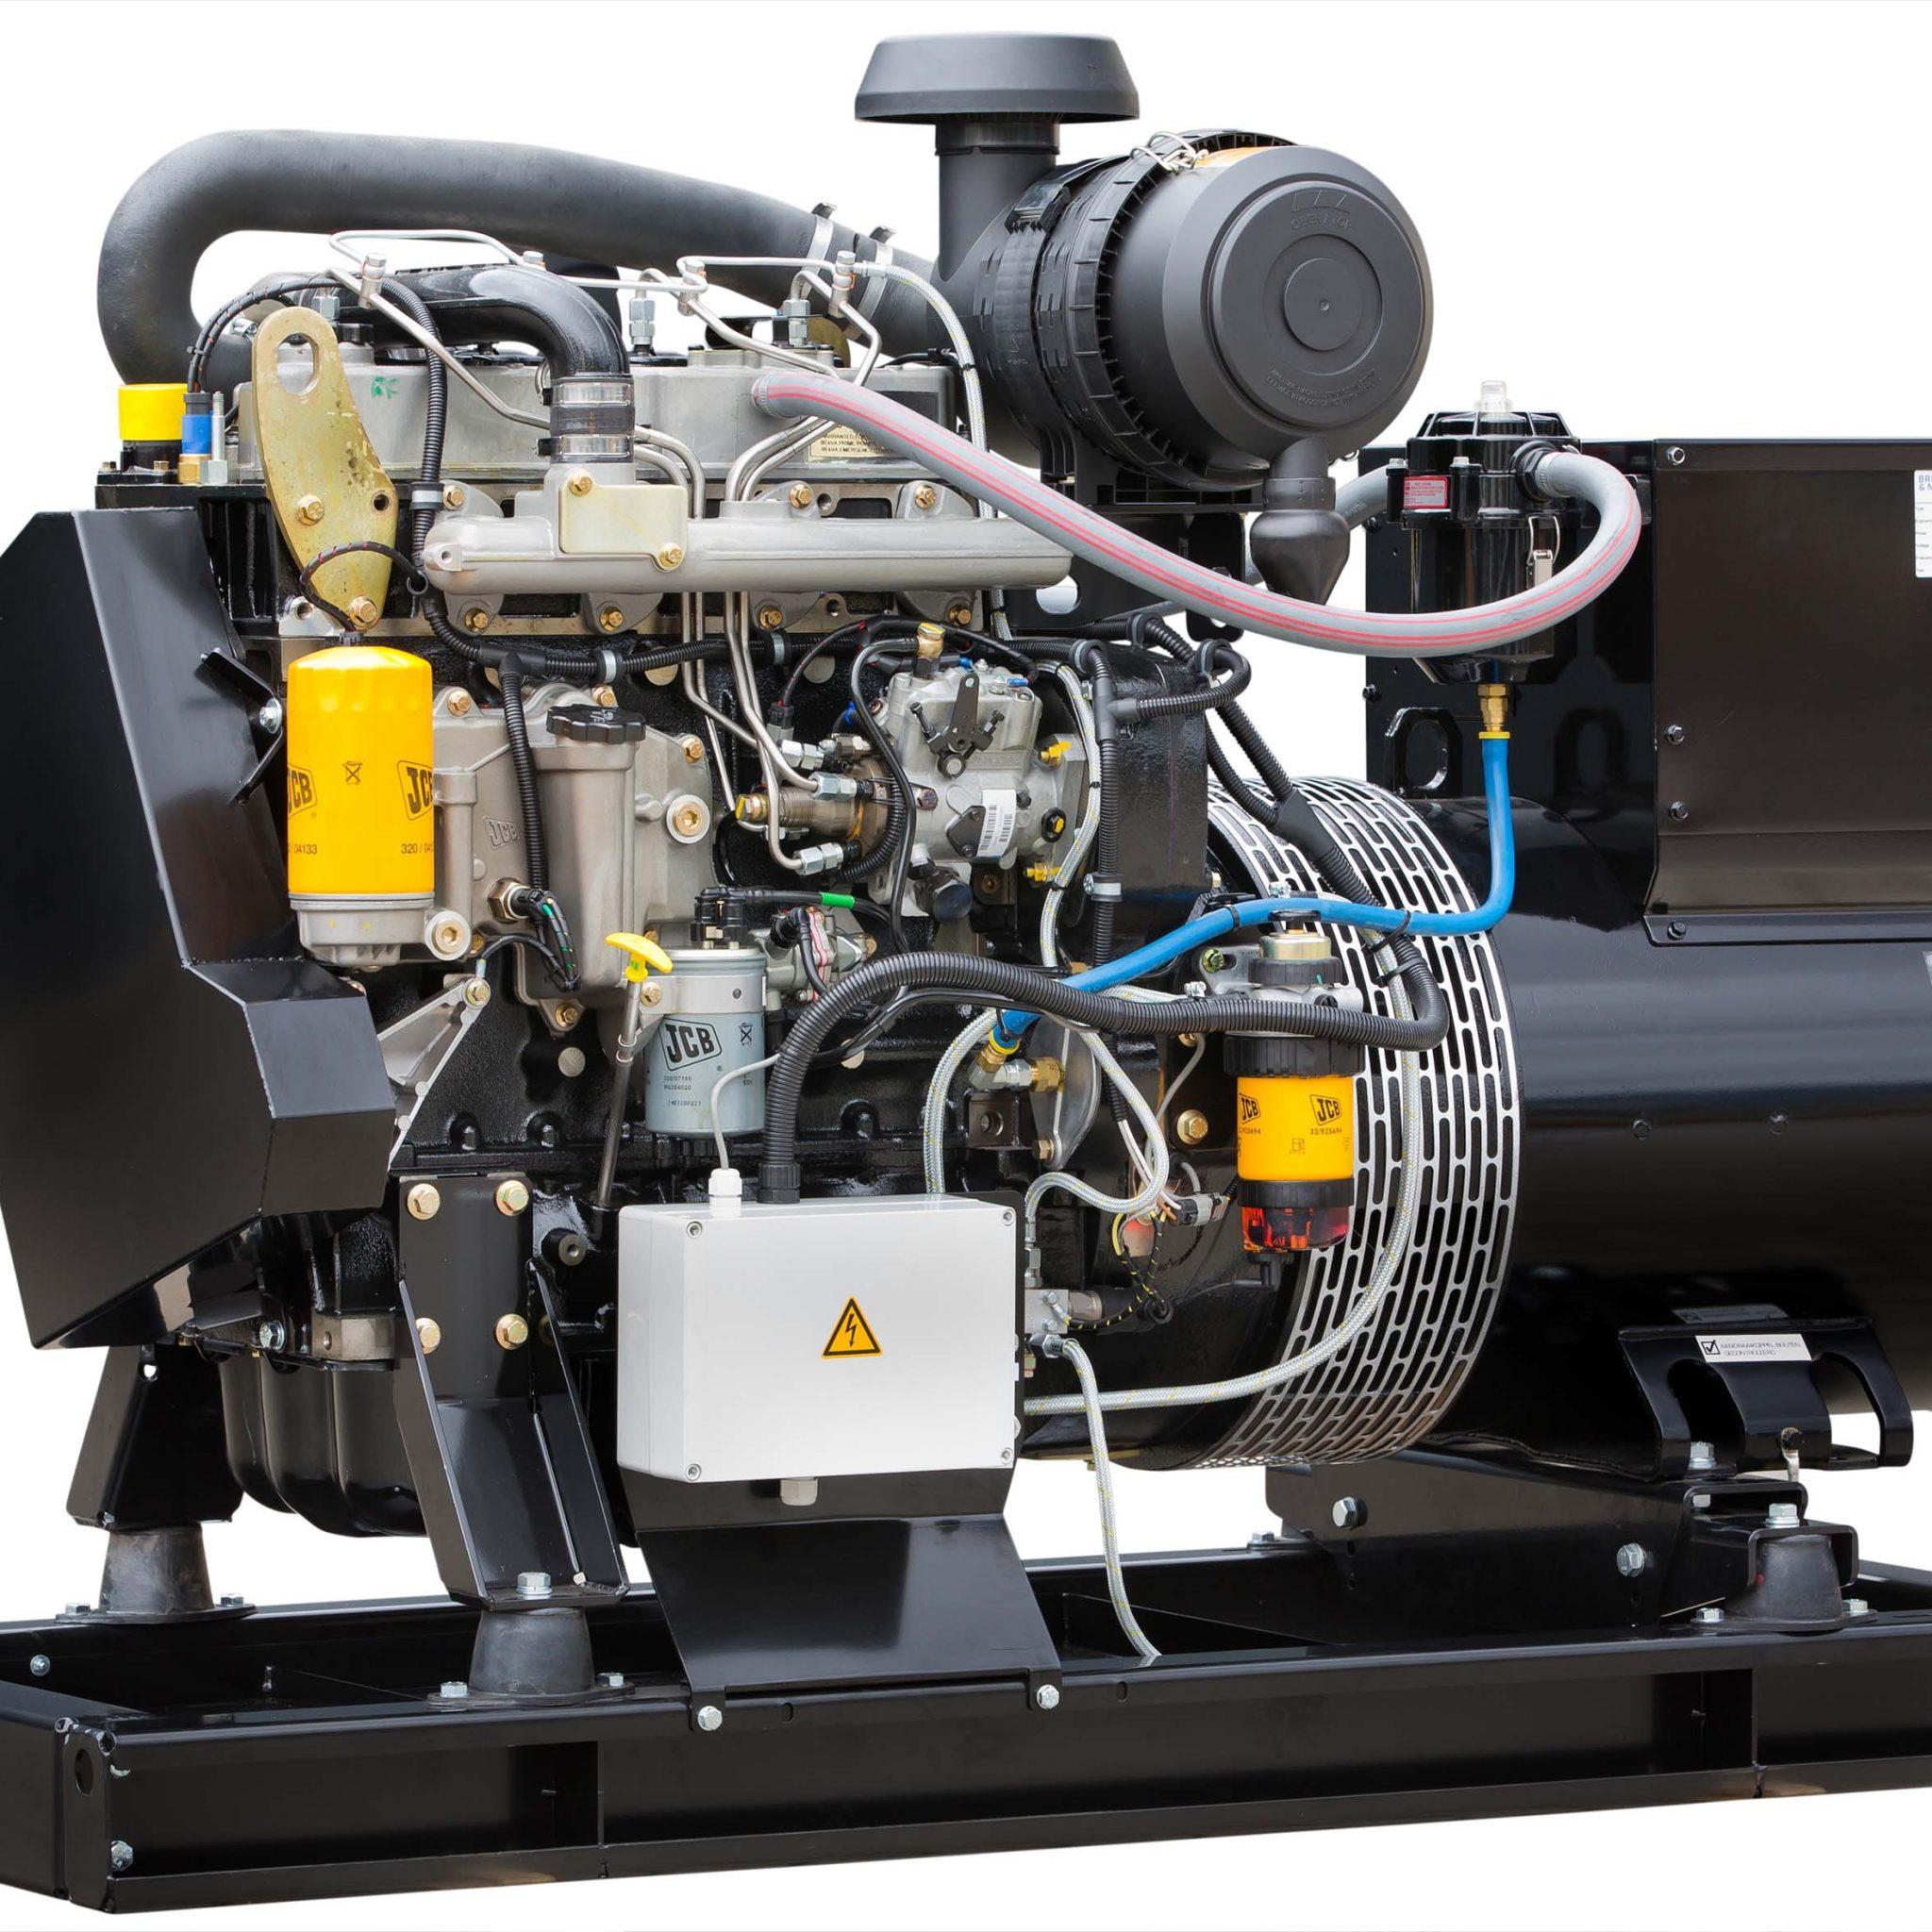 Een Stage V-gecertificeerde generatorset voor de binnenvaart bestaande uit de JCB viercilinder turbo dieselmotor en een Mecc Alte generator. (Foto Brinkmann en Niemeijer)